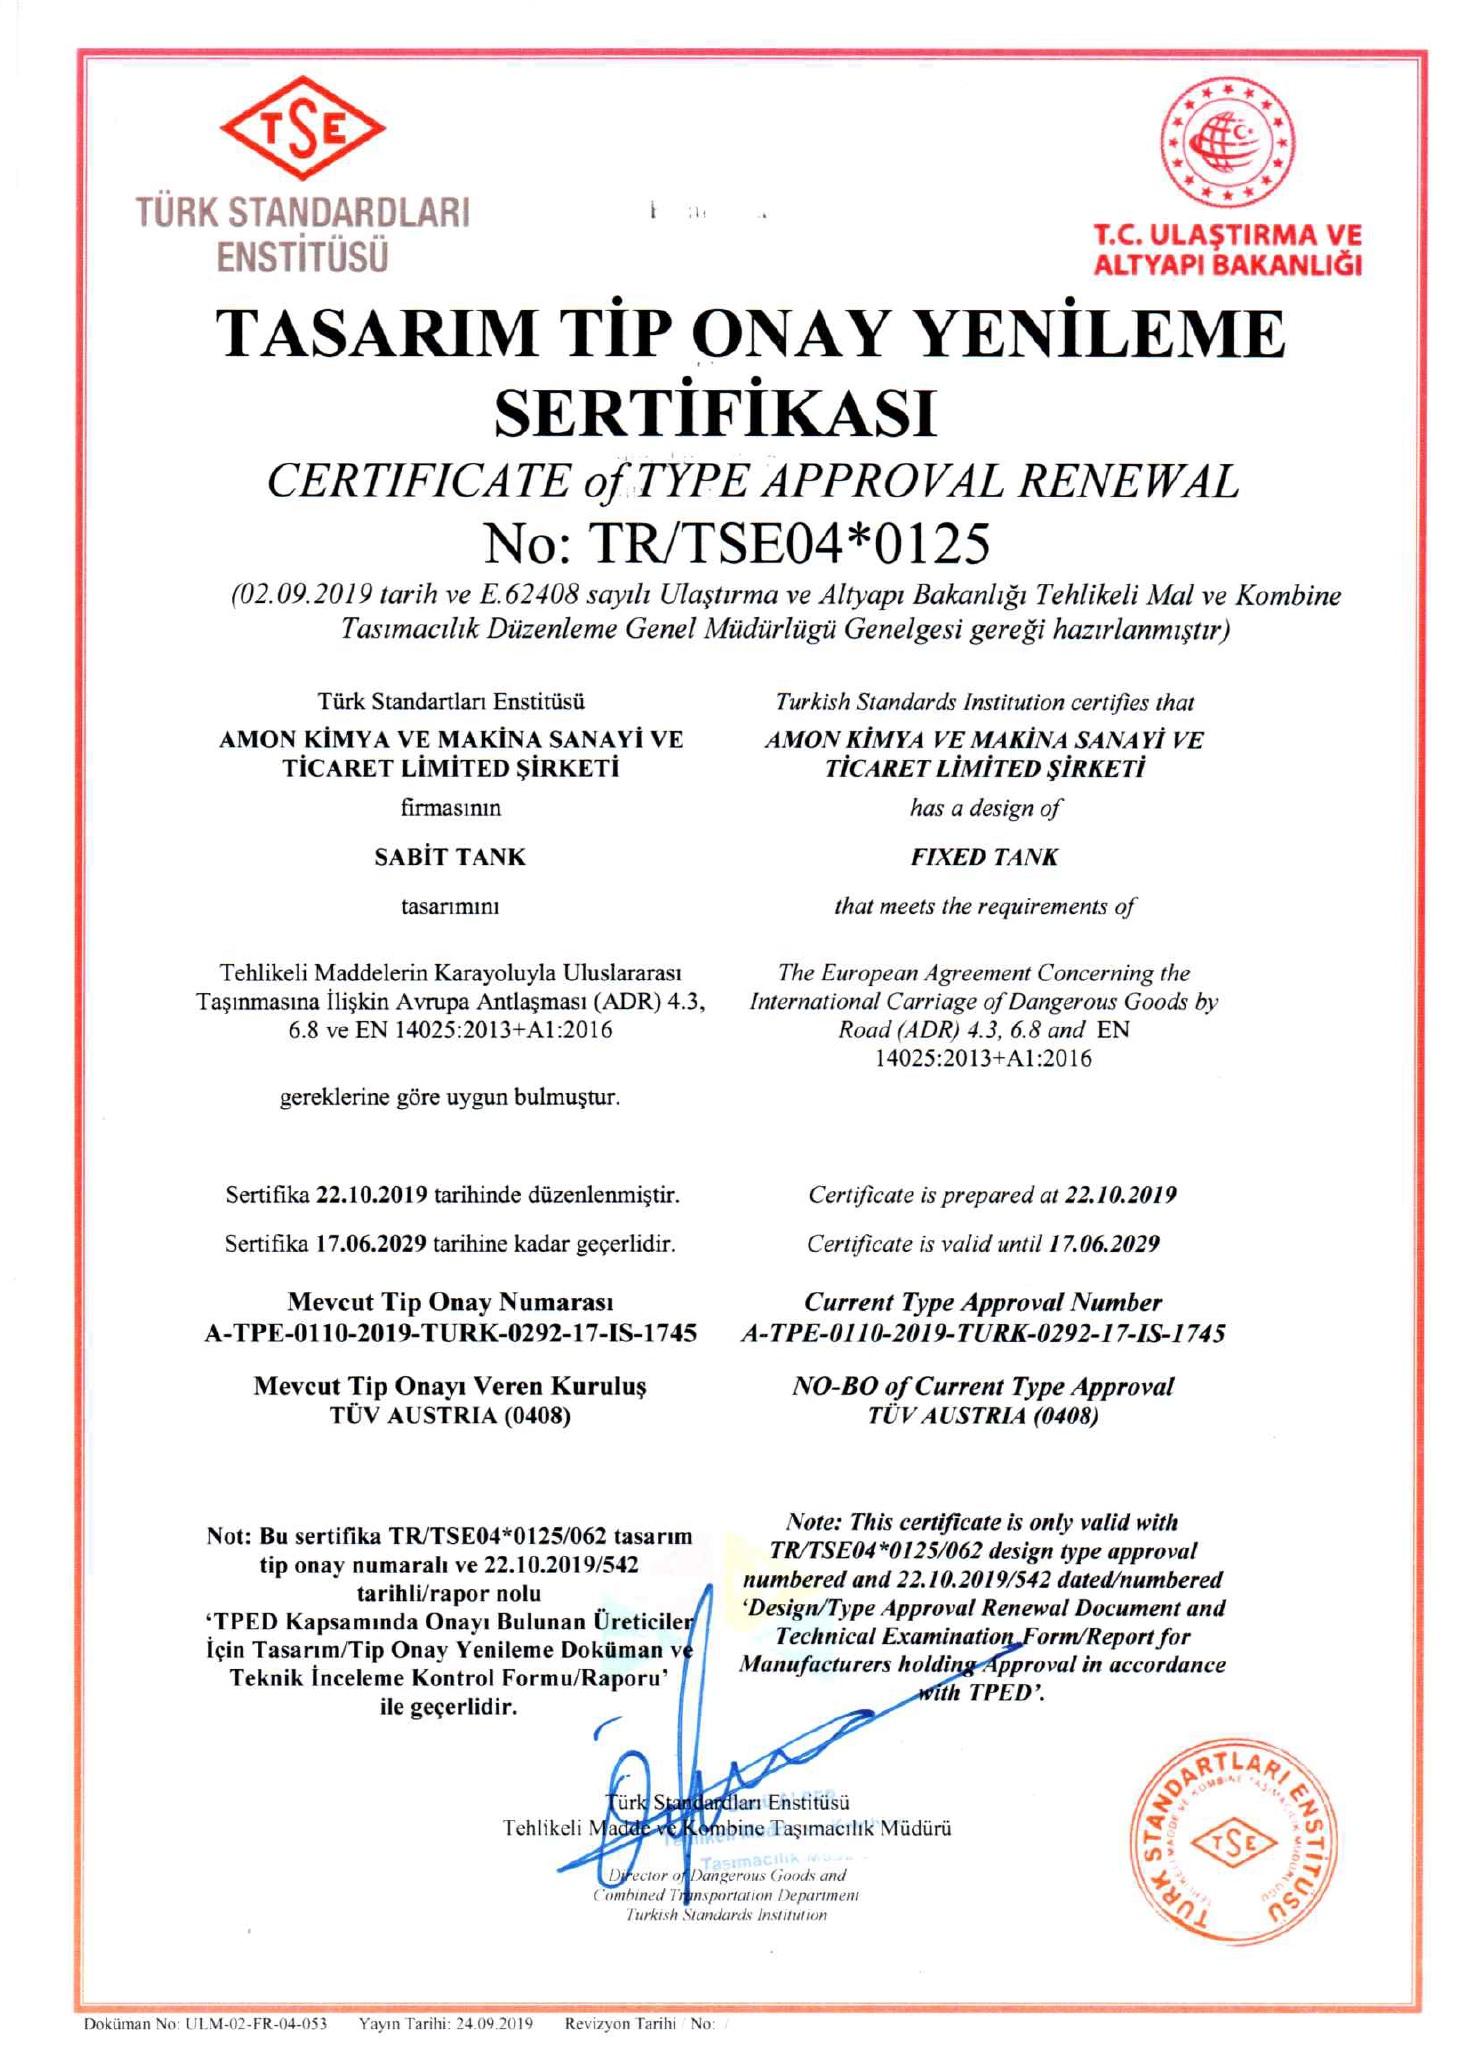 TASARI TİP ONAY YENİLEME SERTİFİKASI - TSE